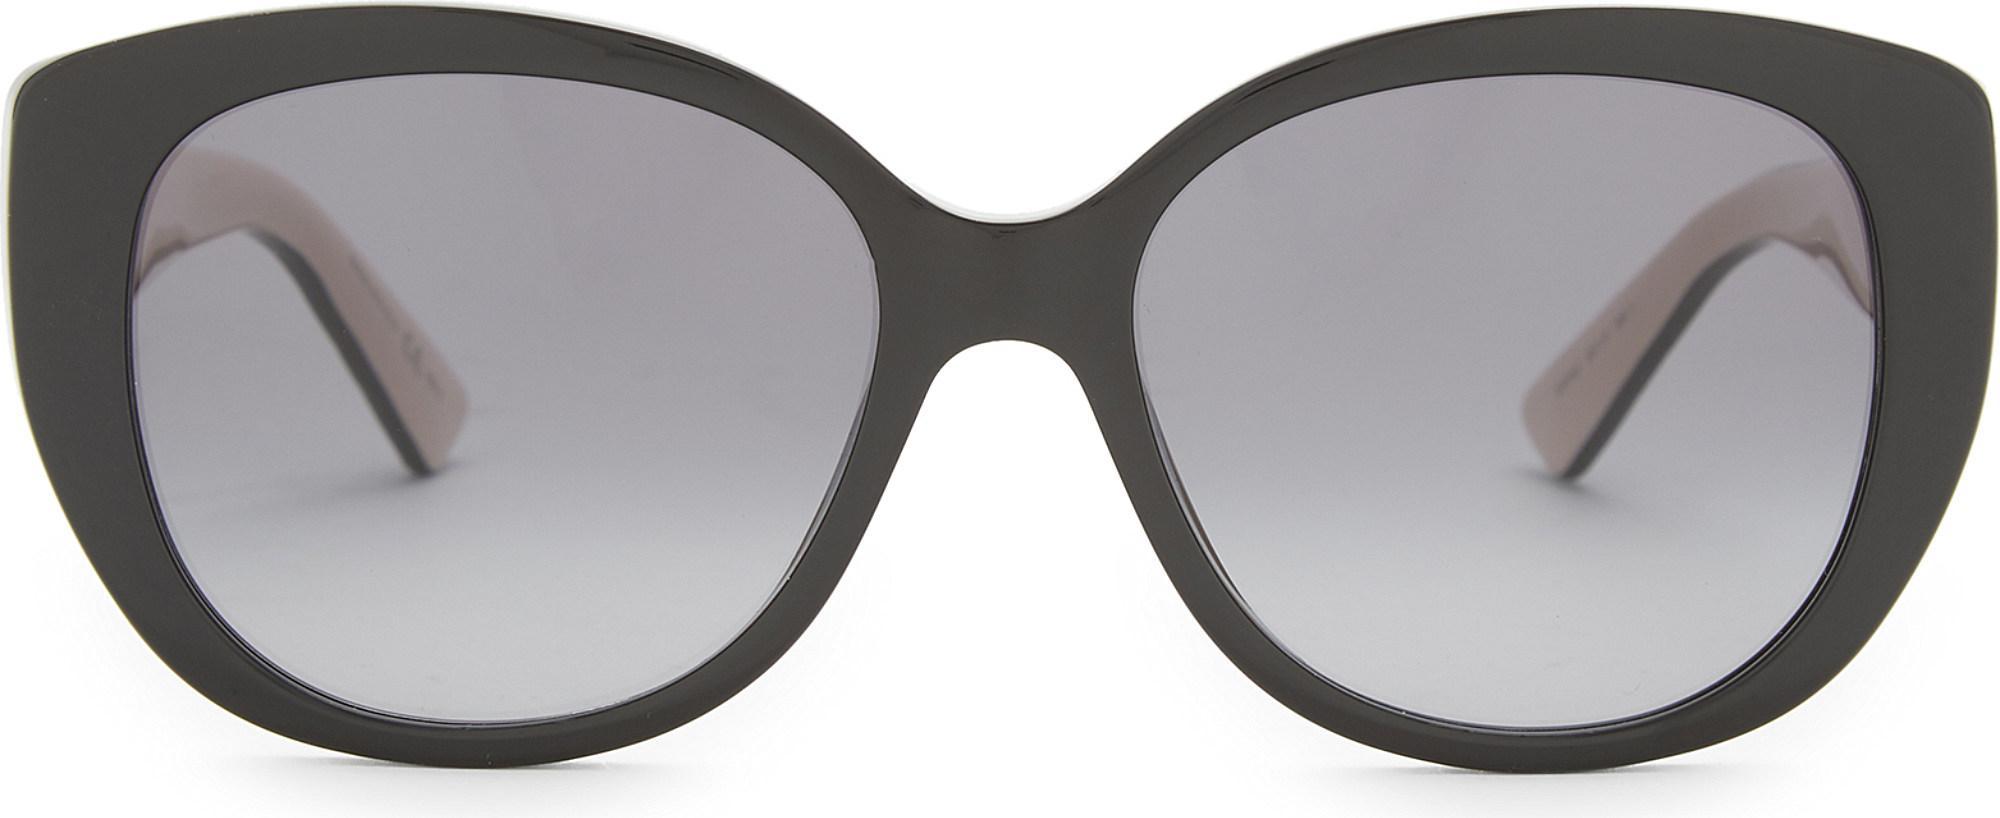 551ad3b8a45f1 Lyst - Dior Lady 1n Sunglasses in Black